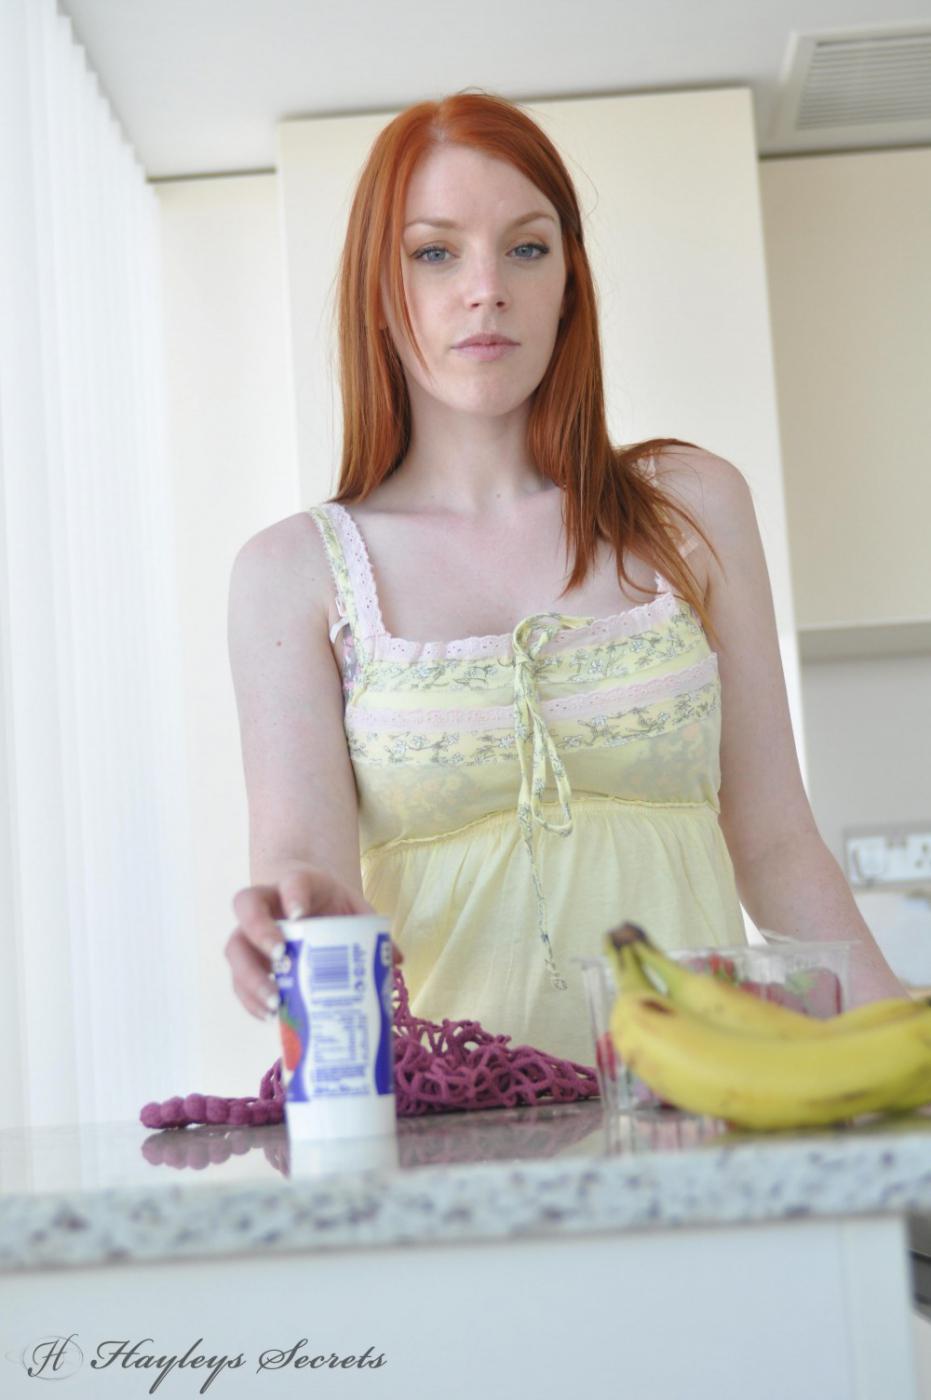 Рыжая Fi Stevens пришла на кухню, чтобы снять бельё и пошалить с едой